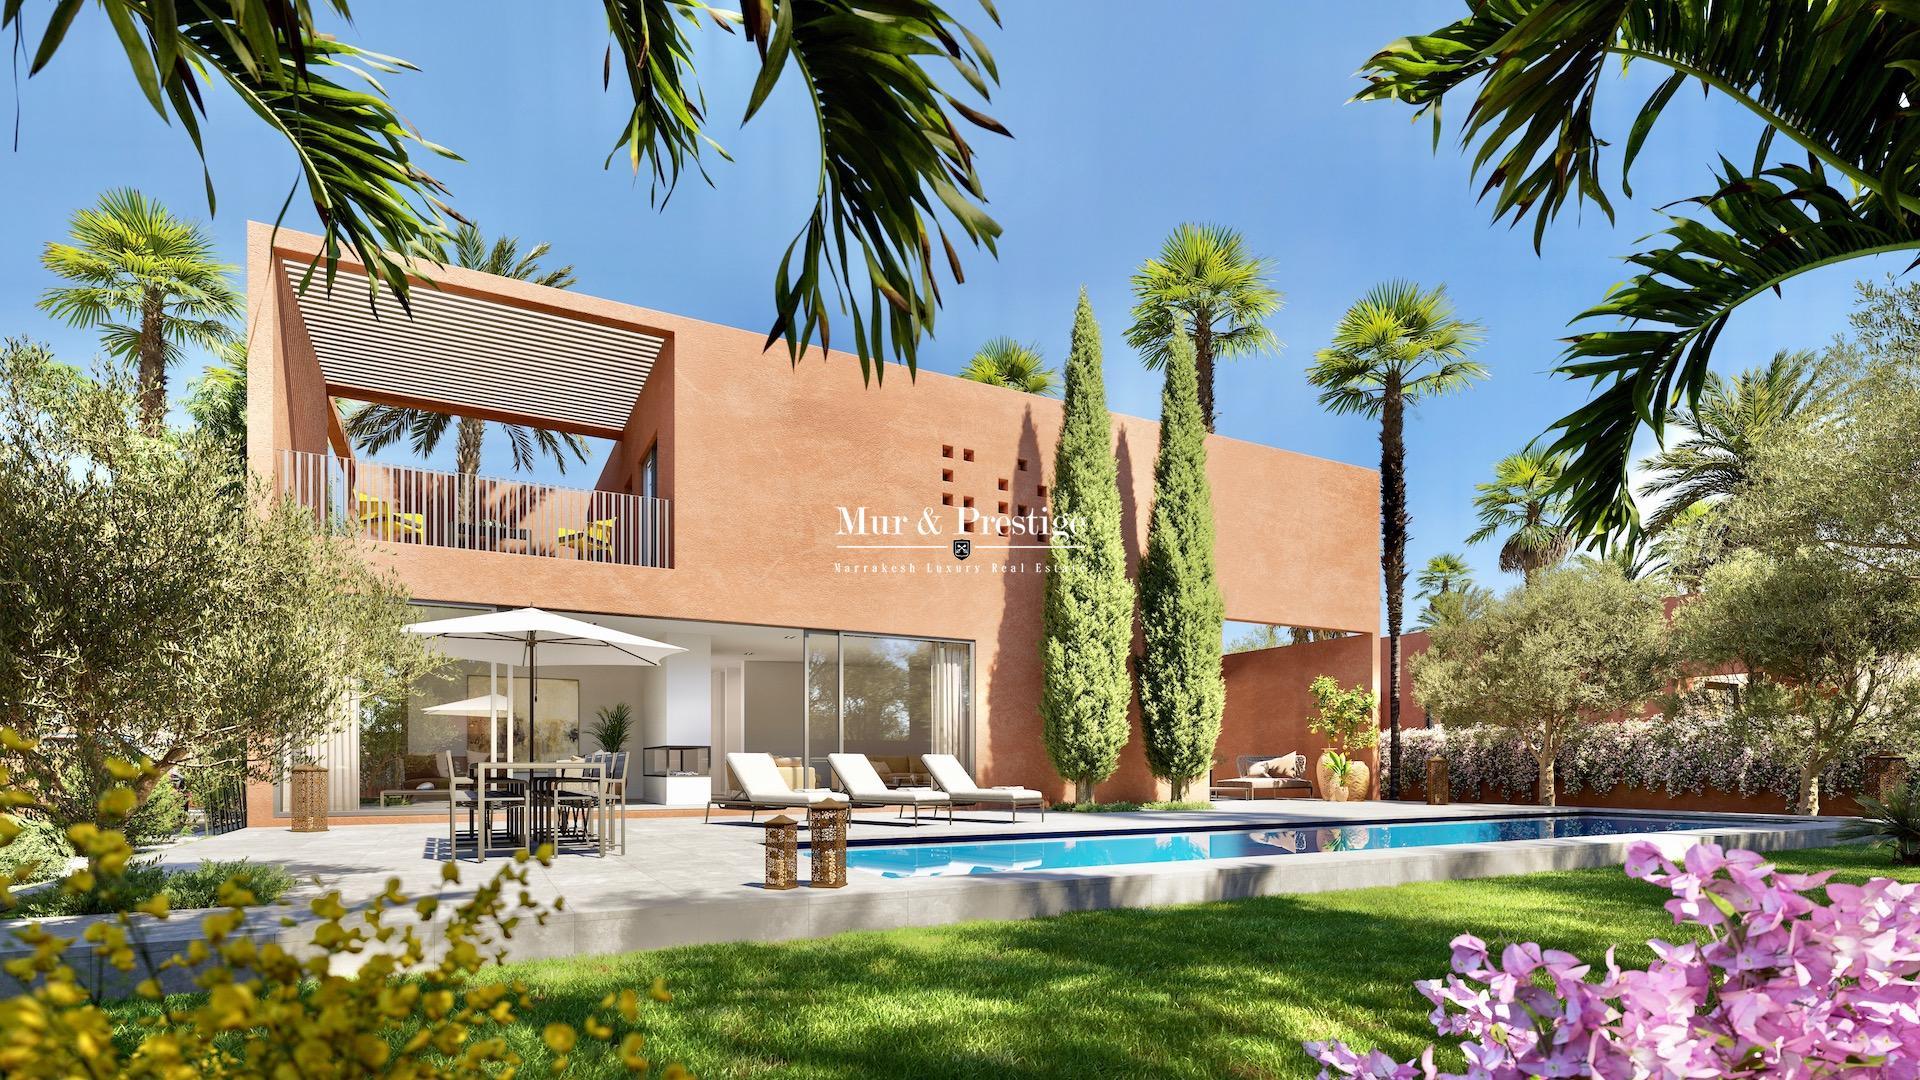 Agence immobilière Marrakech : Maison neuve à vendre sur la route de l'Ourika